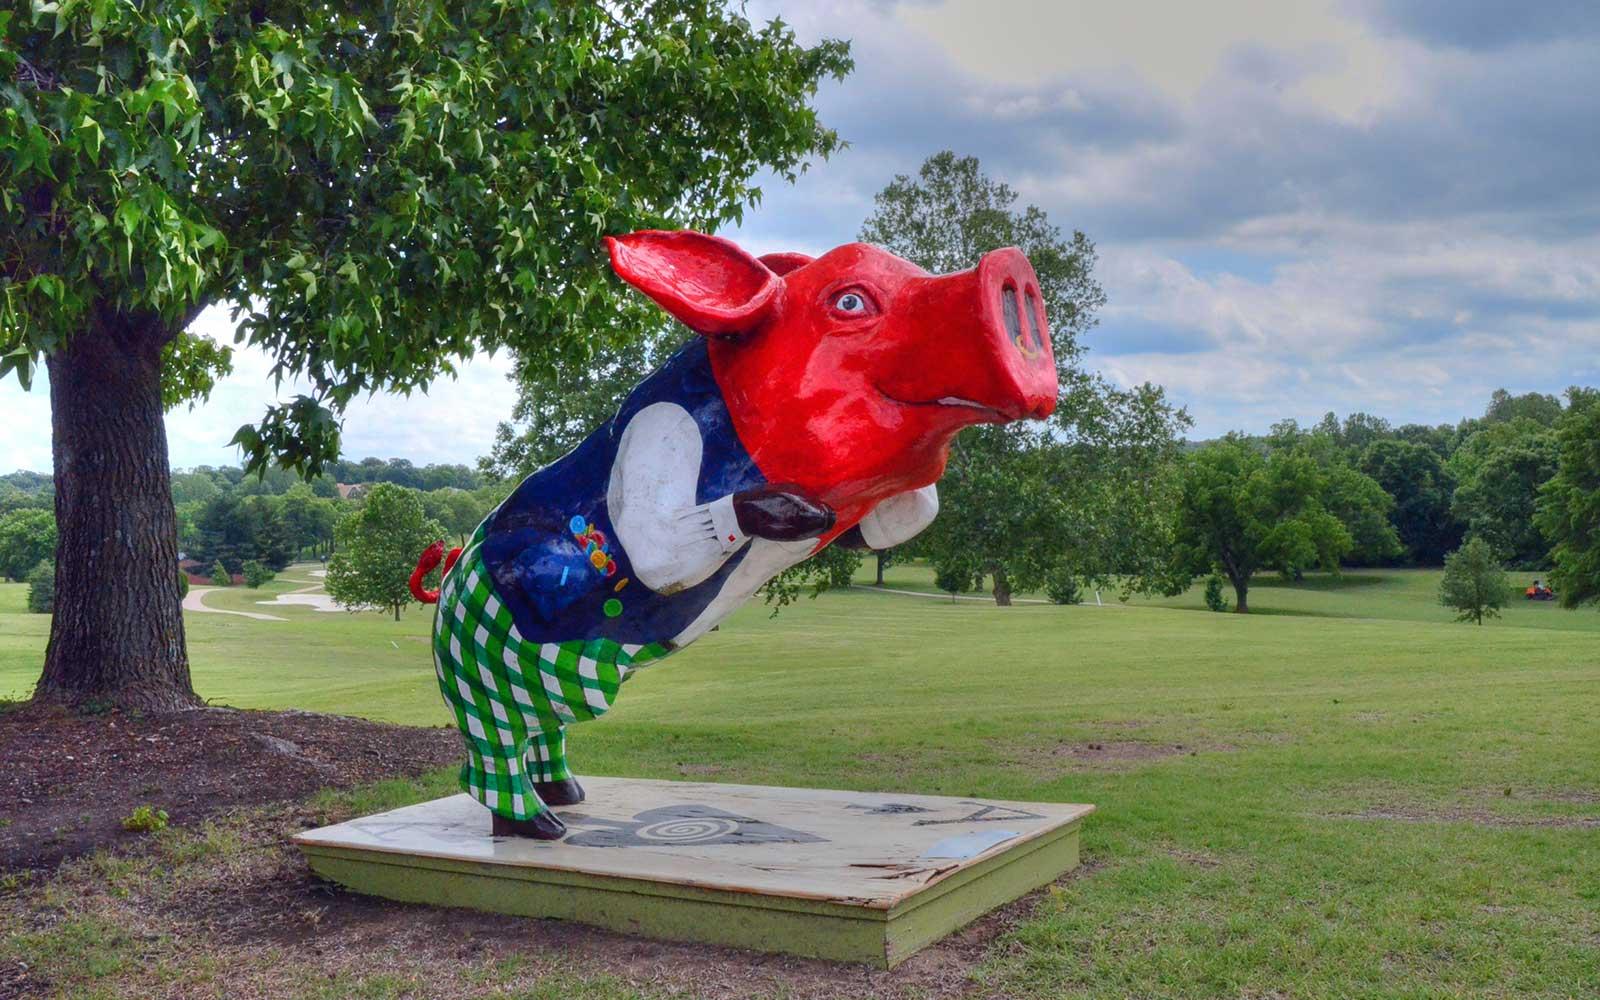 Eagle-Creek-Golf-Club,-Joplin,-MO--Pig